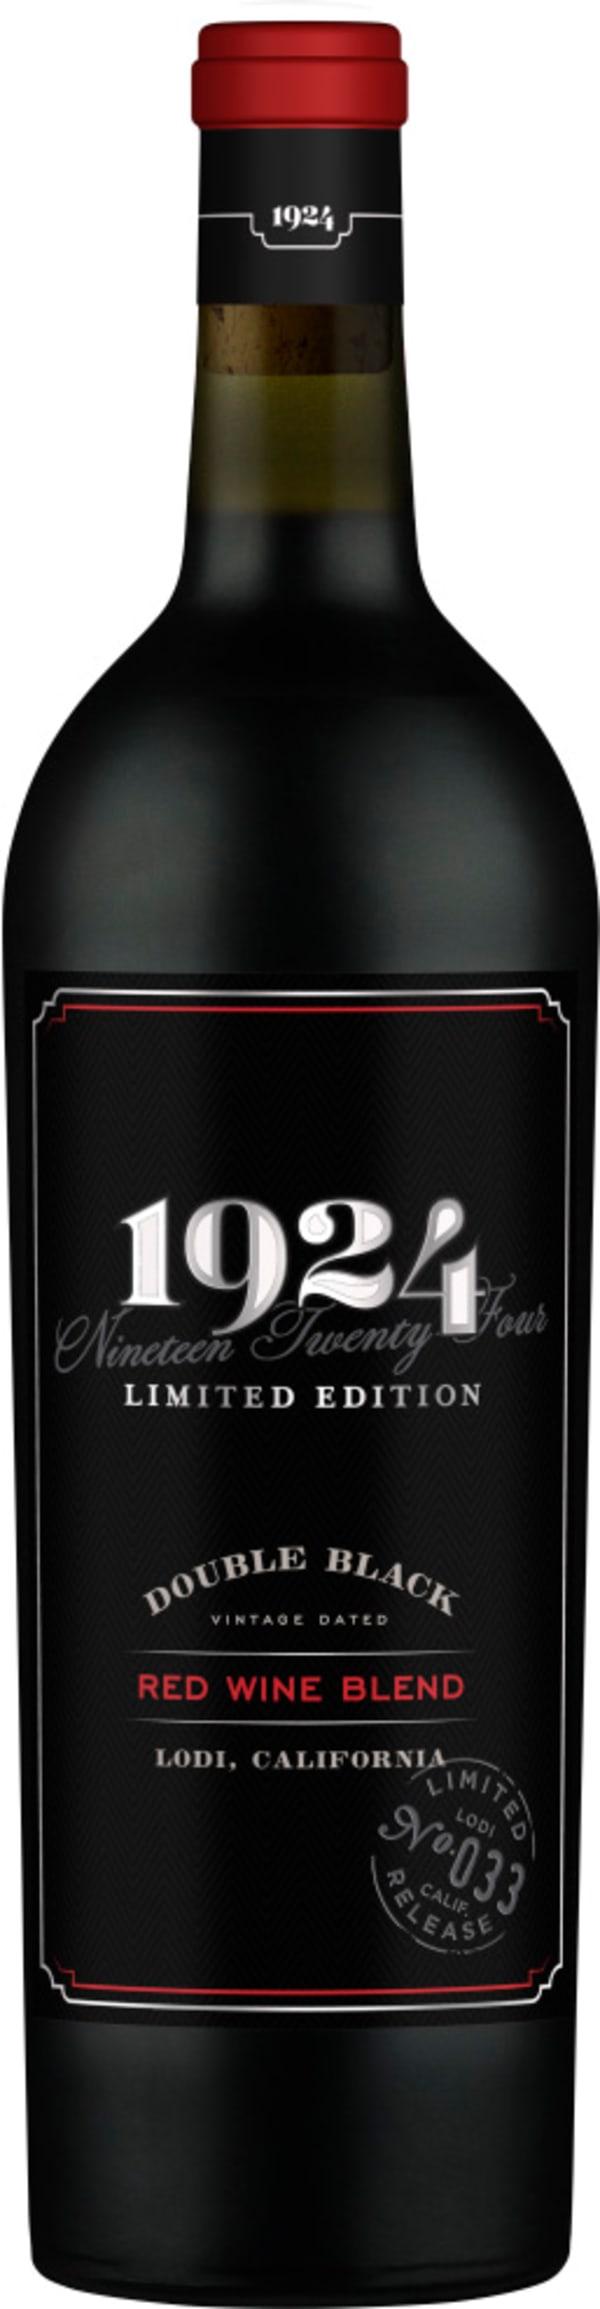 1924 Double Black 2017